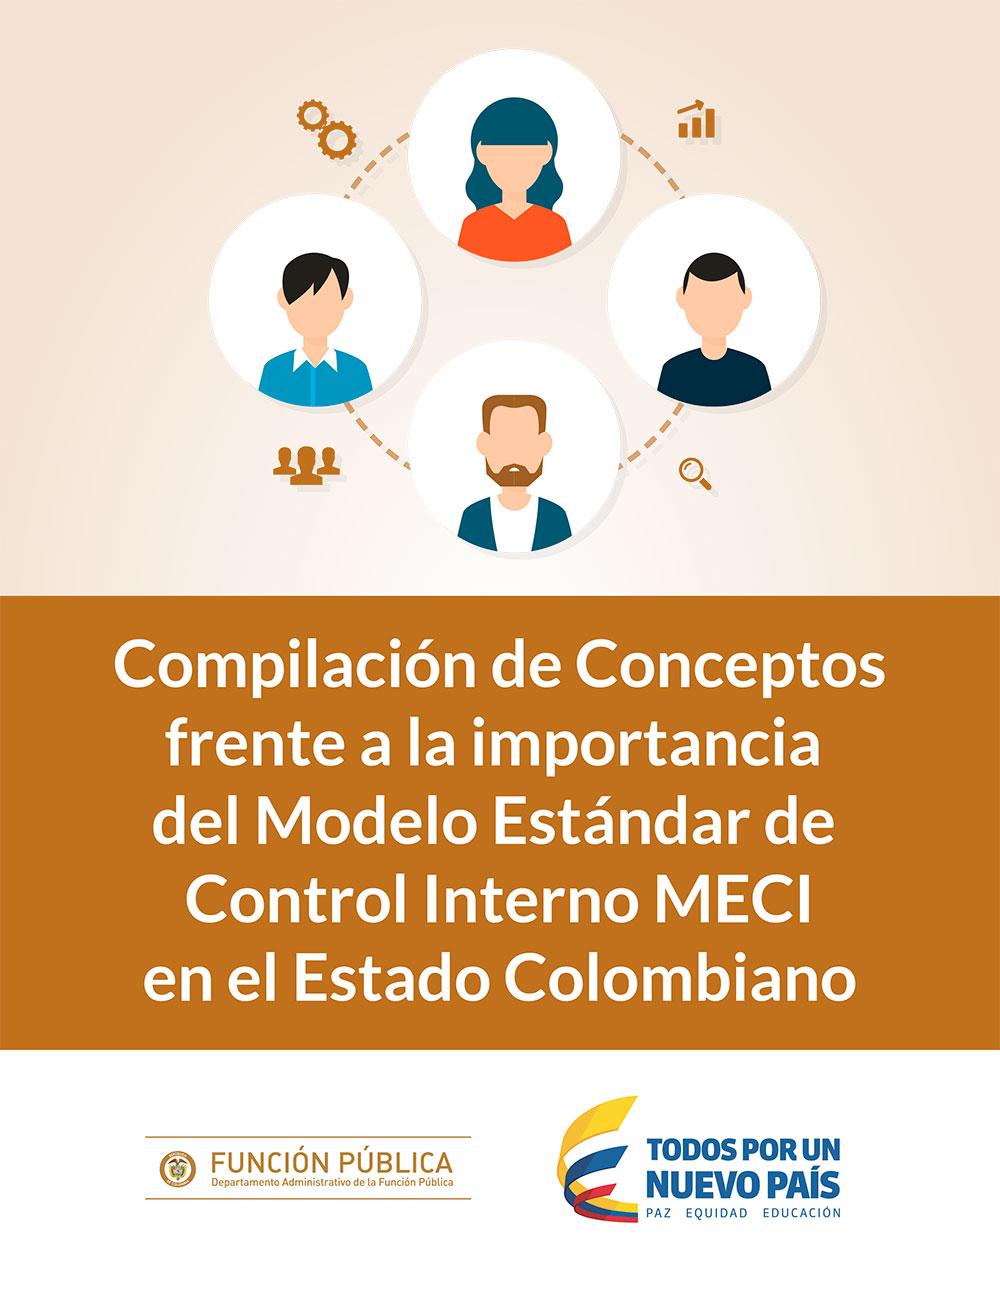 Compilación de Conceptos frente a la Importancia del Modelo Estándar de Control Interno MECI en el Estado Colombiano.